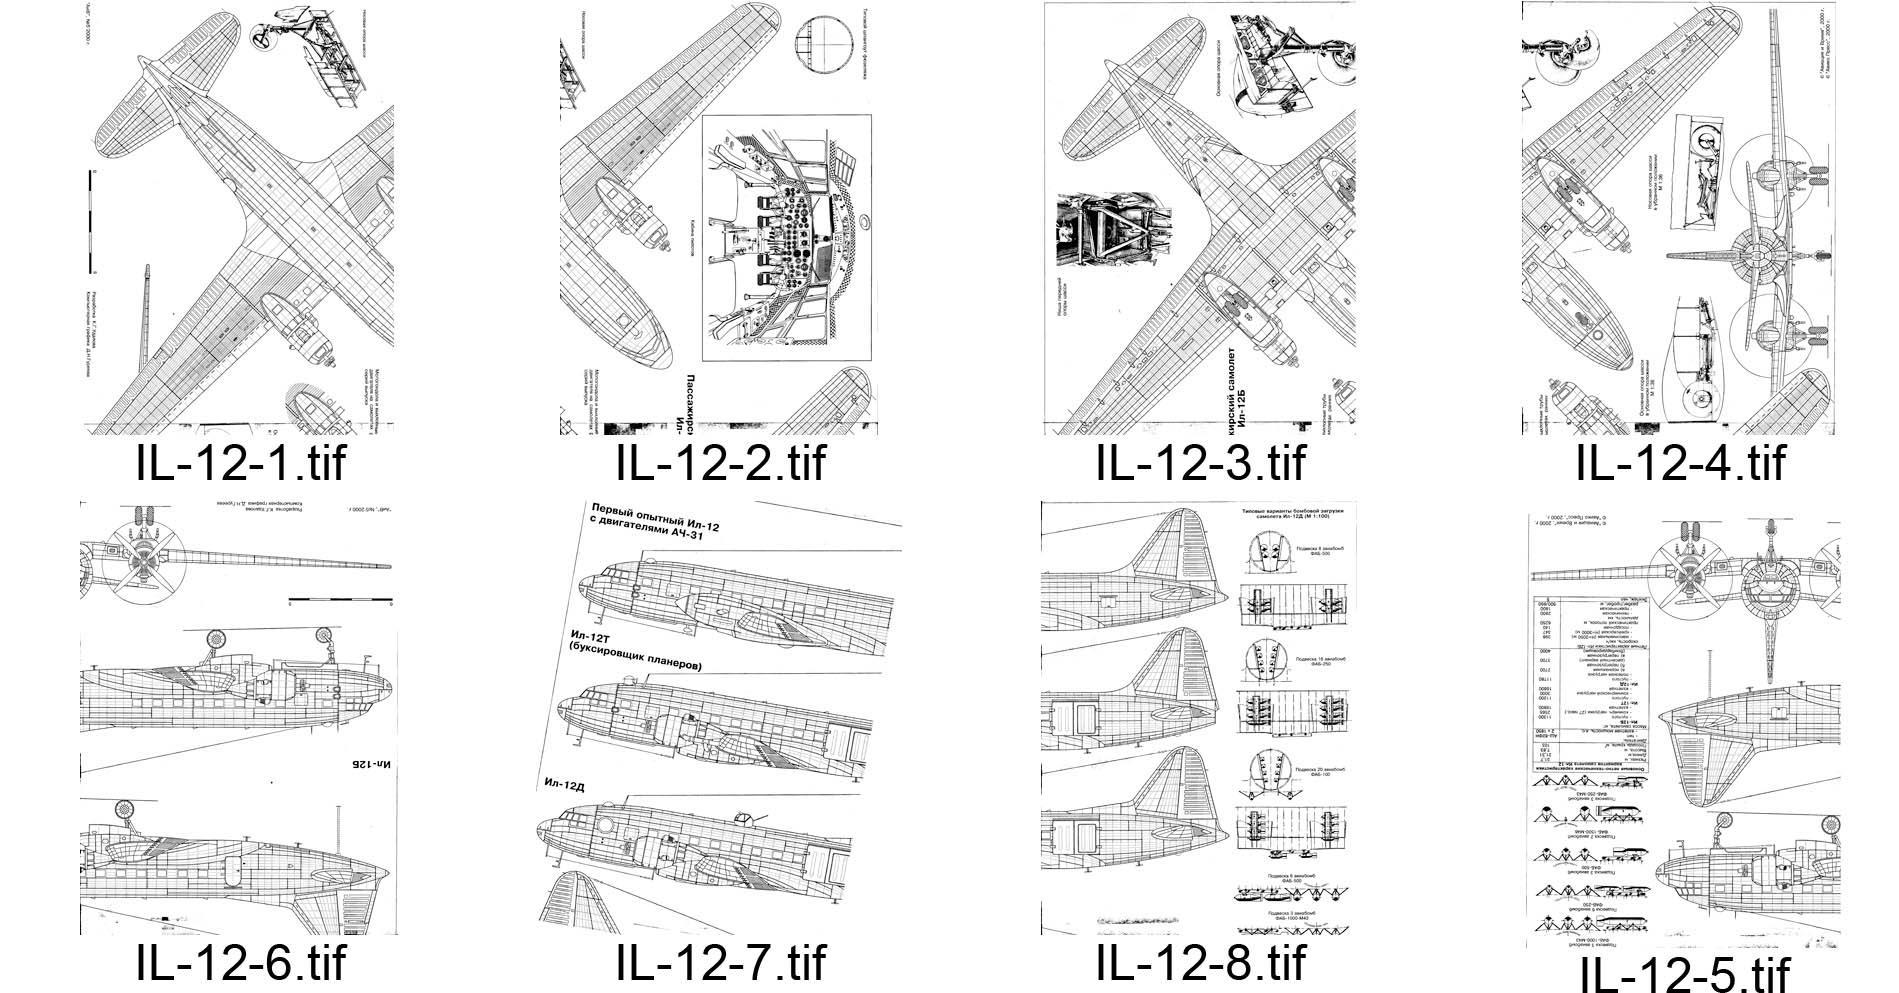 Ильюшин Ил-12 чертежи